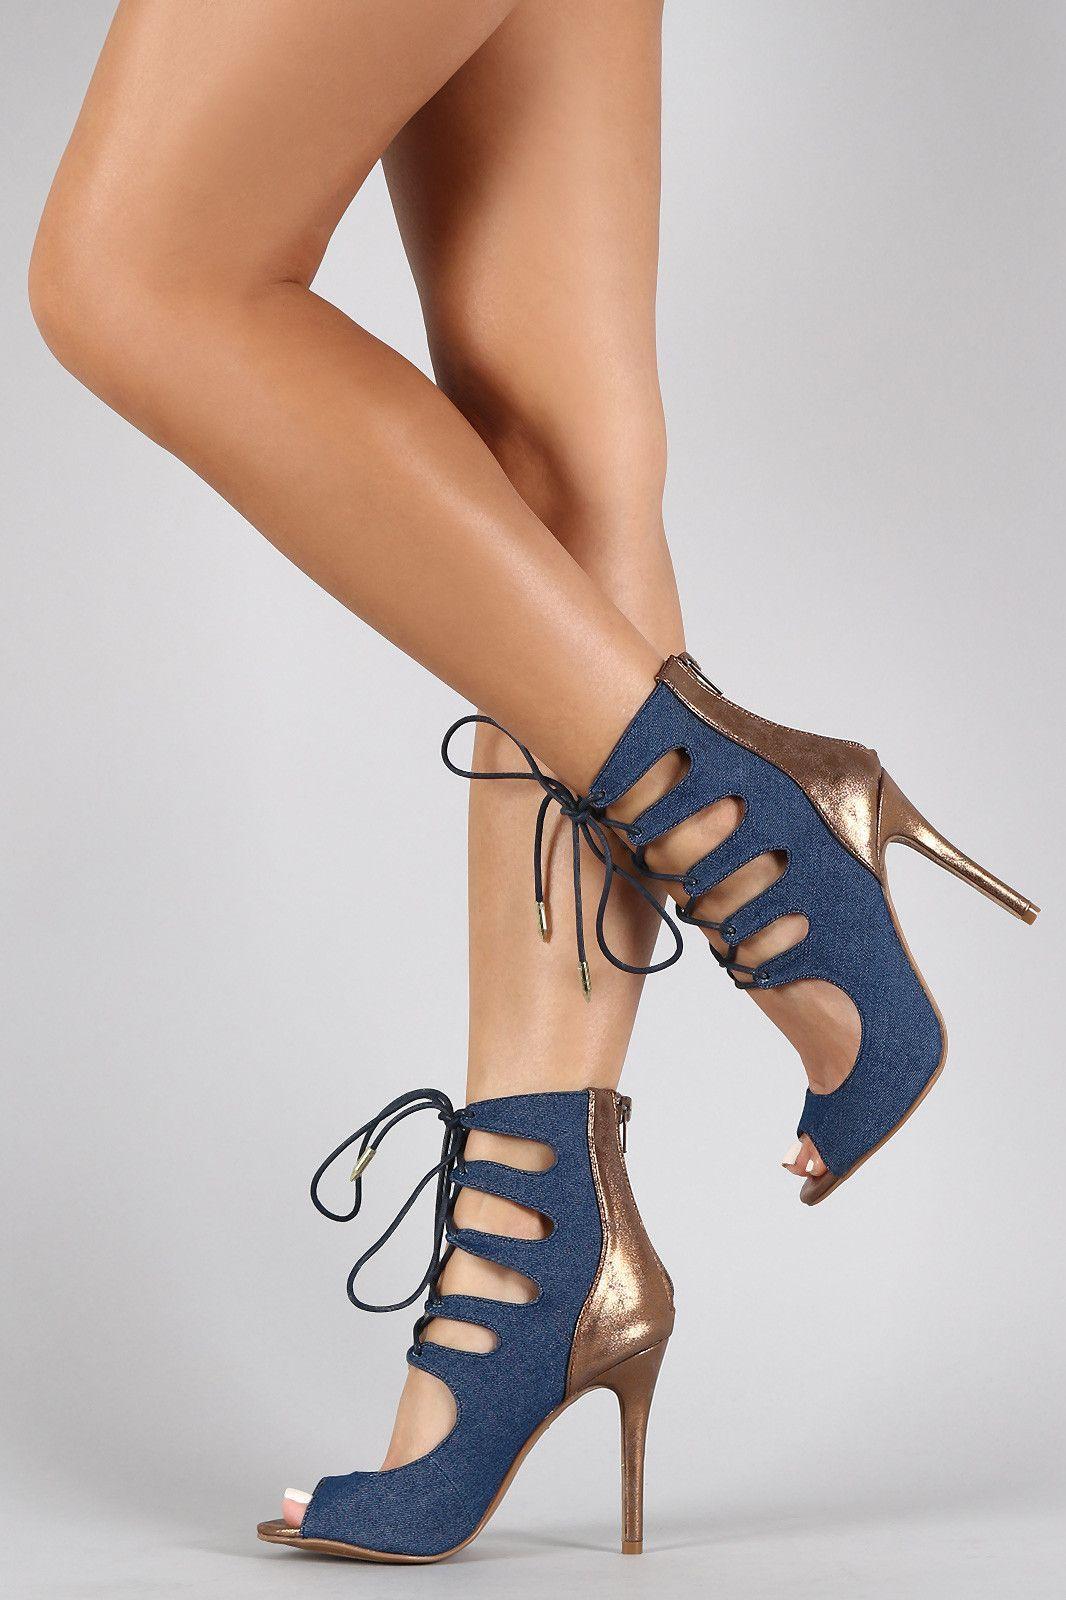 9f3f54c891 Shoe Republic LA Ankle Cuff Corset Lace Up Stiletto Pump